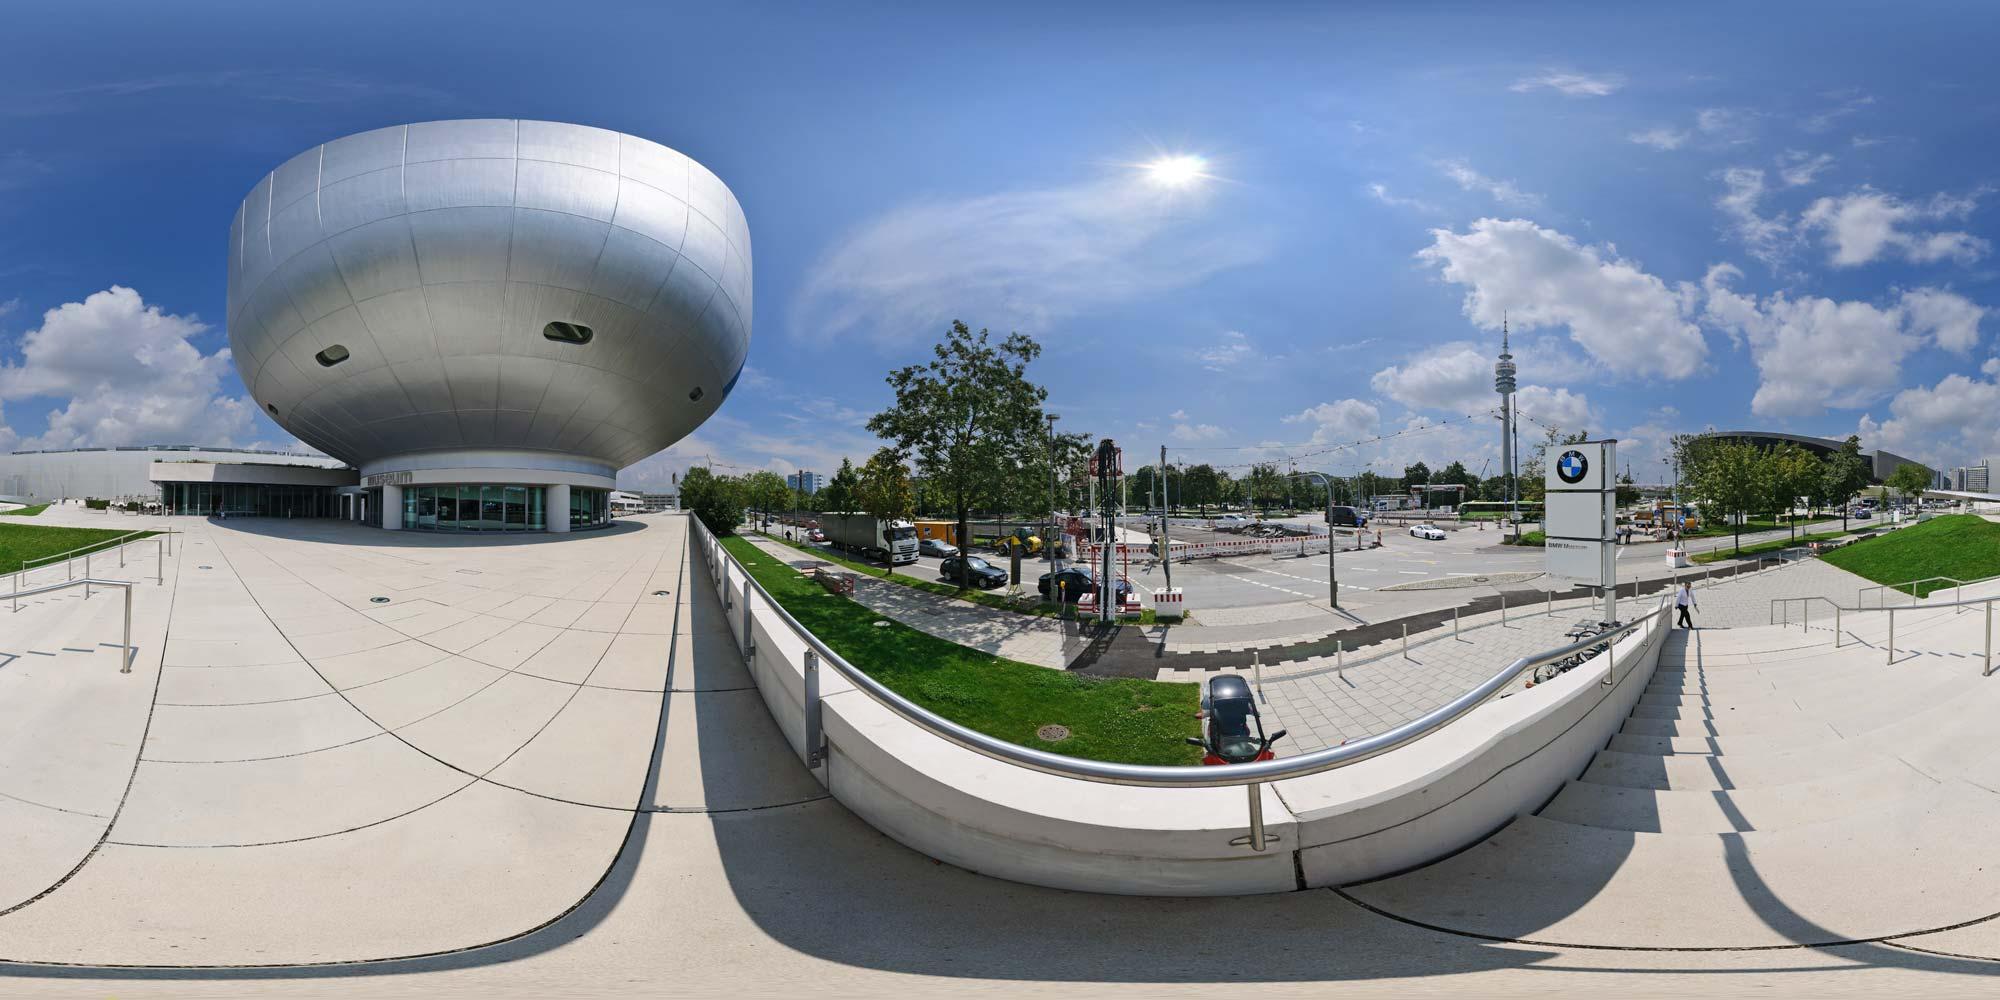 kubische panoramen panorama foto m nchen bmw gel nde bmw museum aussen. Black Bedroom Furniture Sets. Home Design Ideas